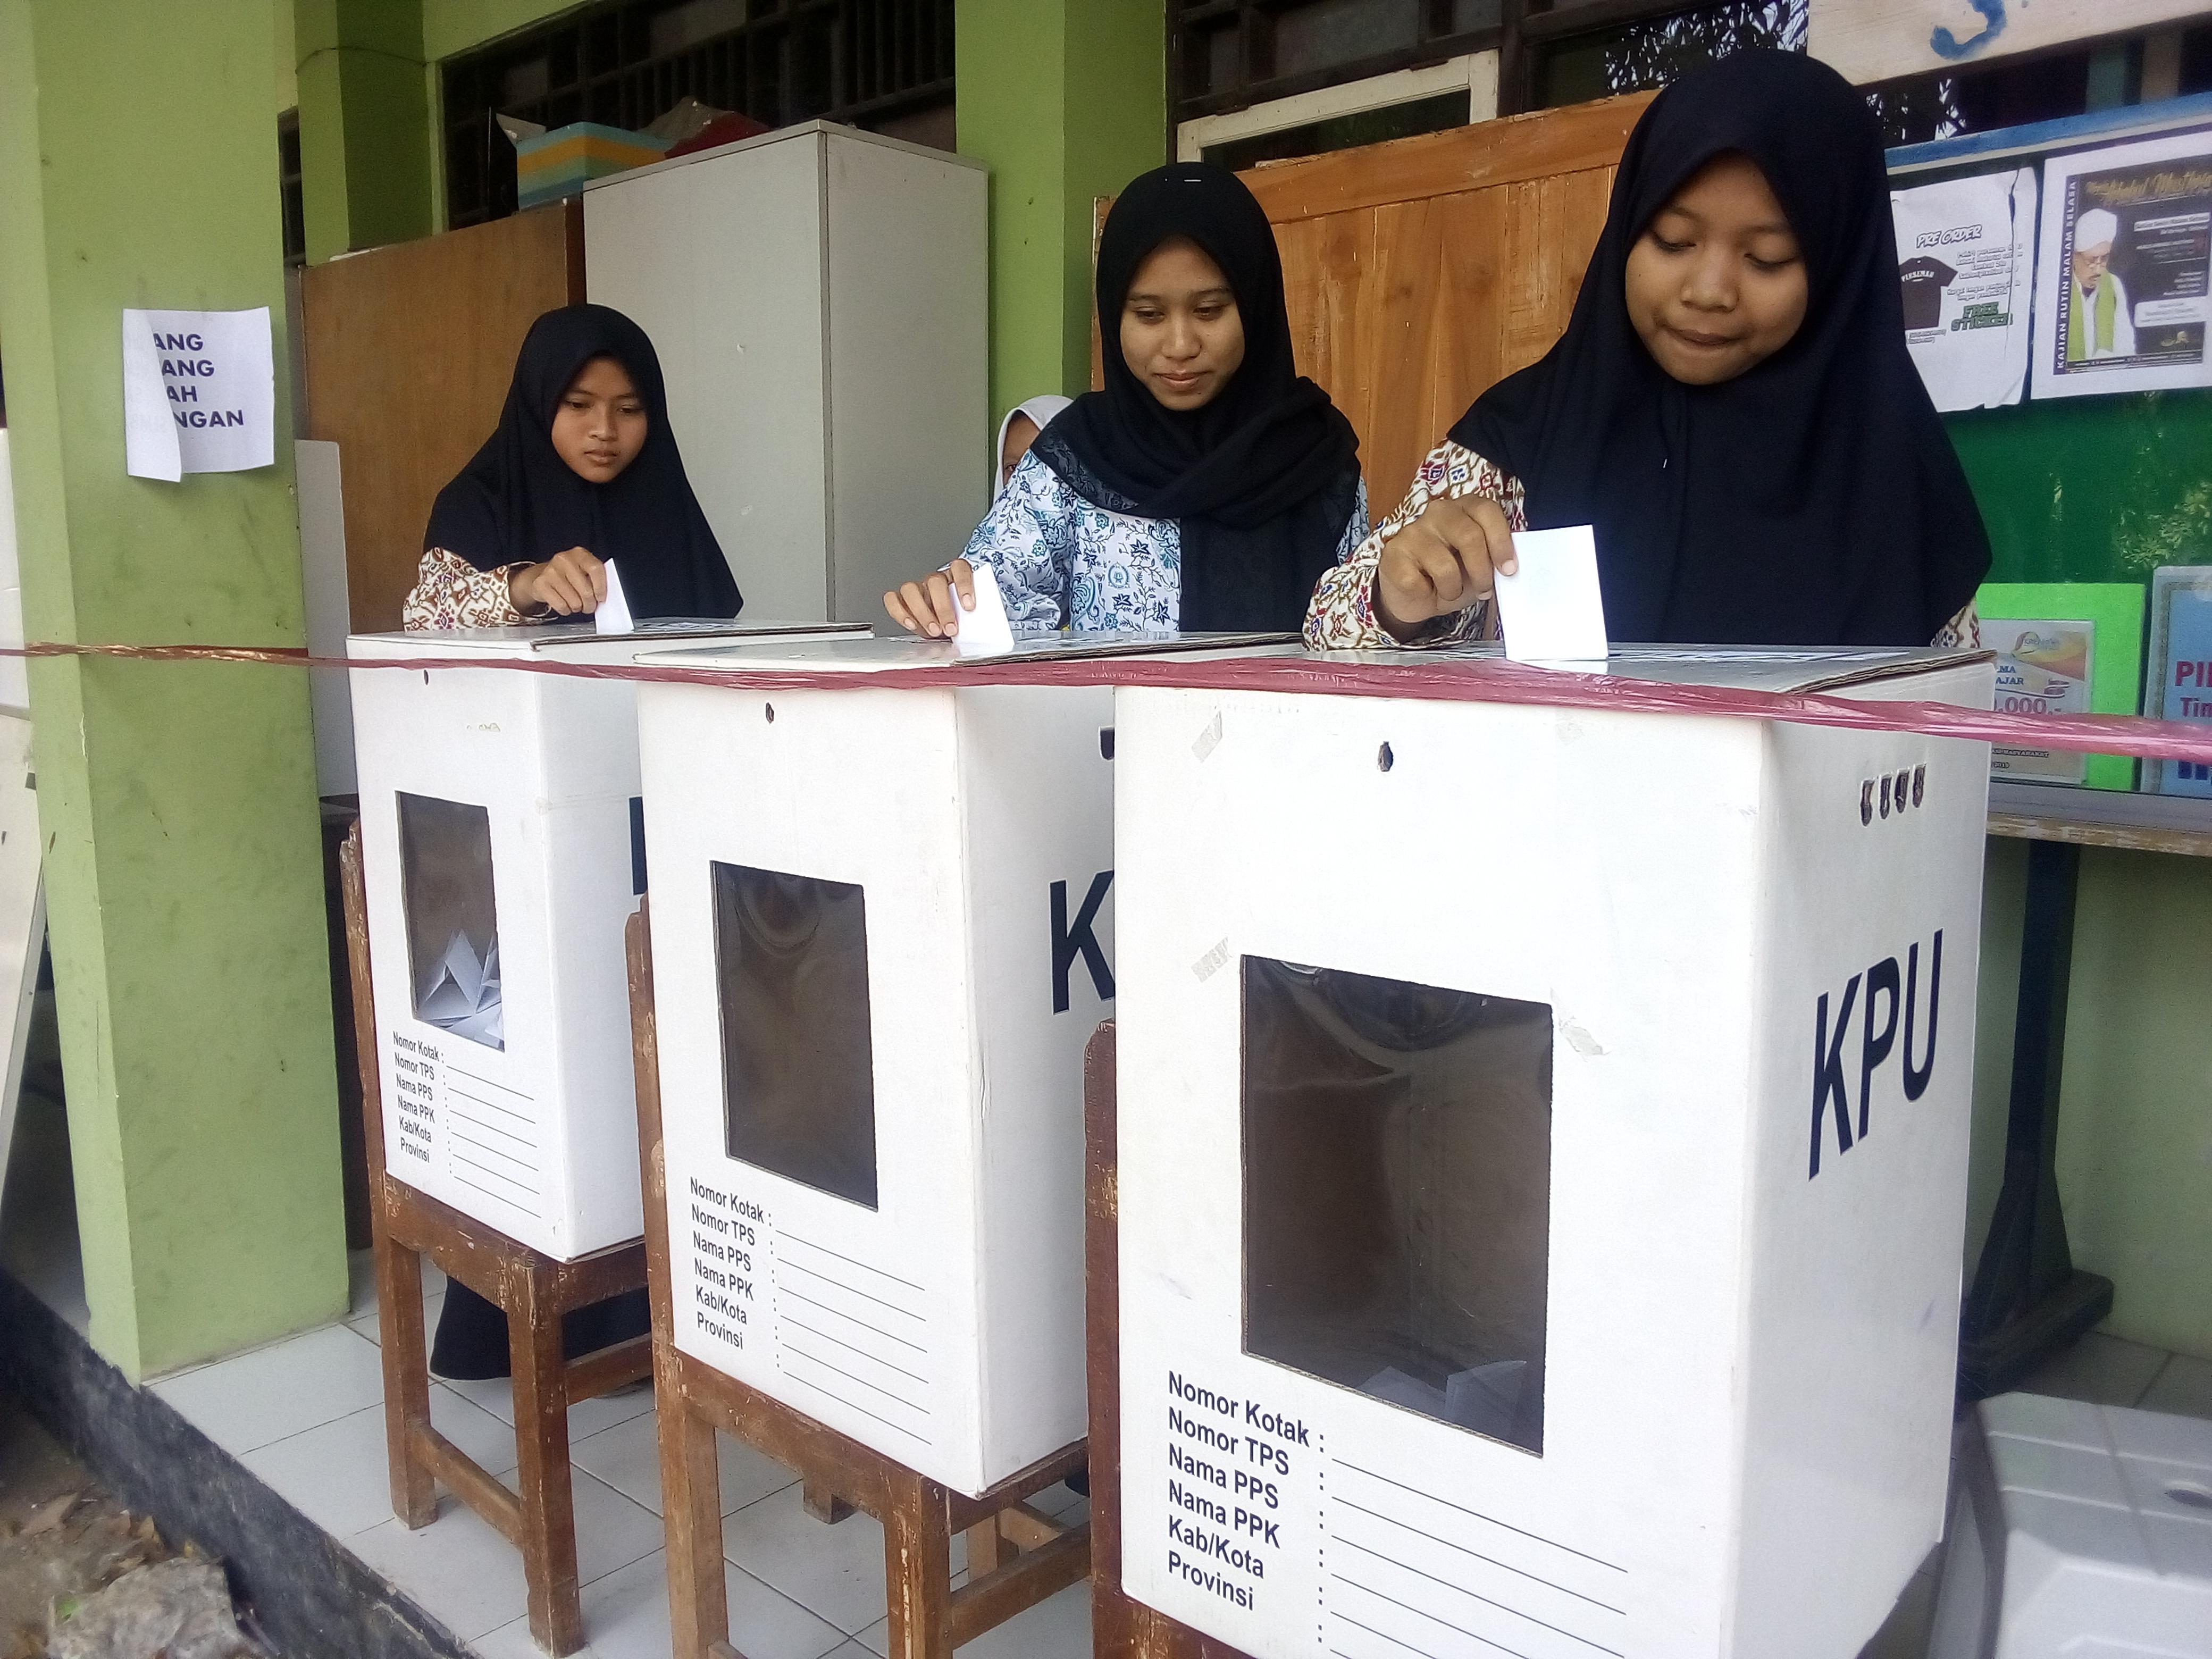 Pemilihan Ketua OSIS (Pilketos) MAN Kota Tegal  Masa Bakti 2019/2020